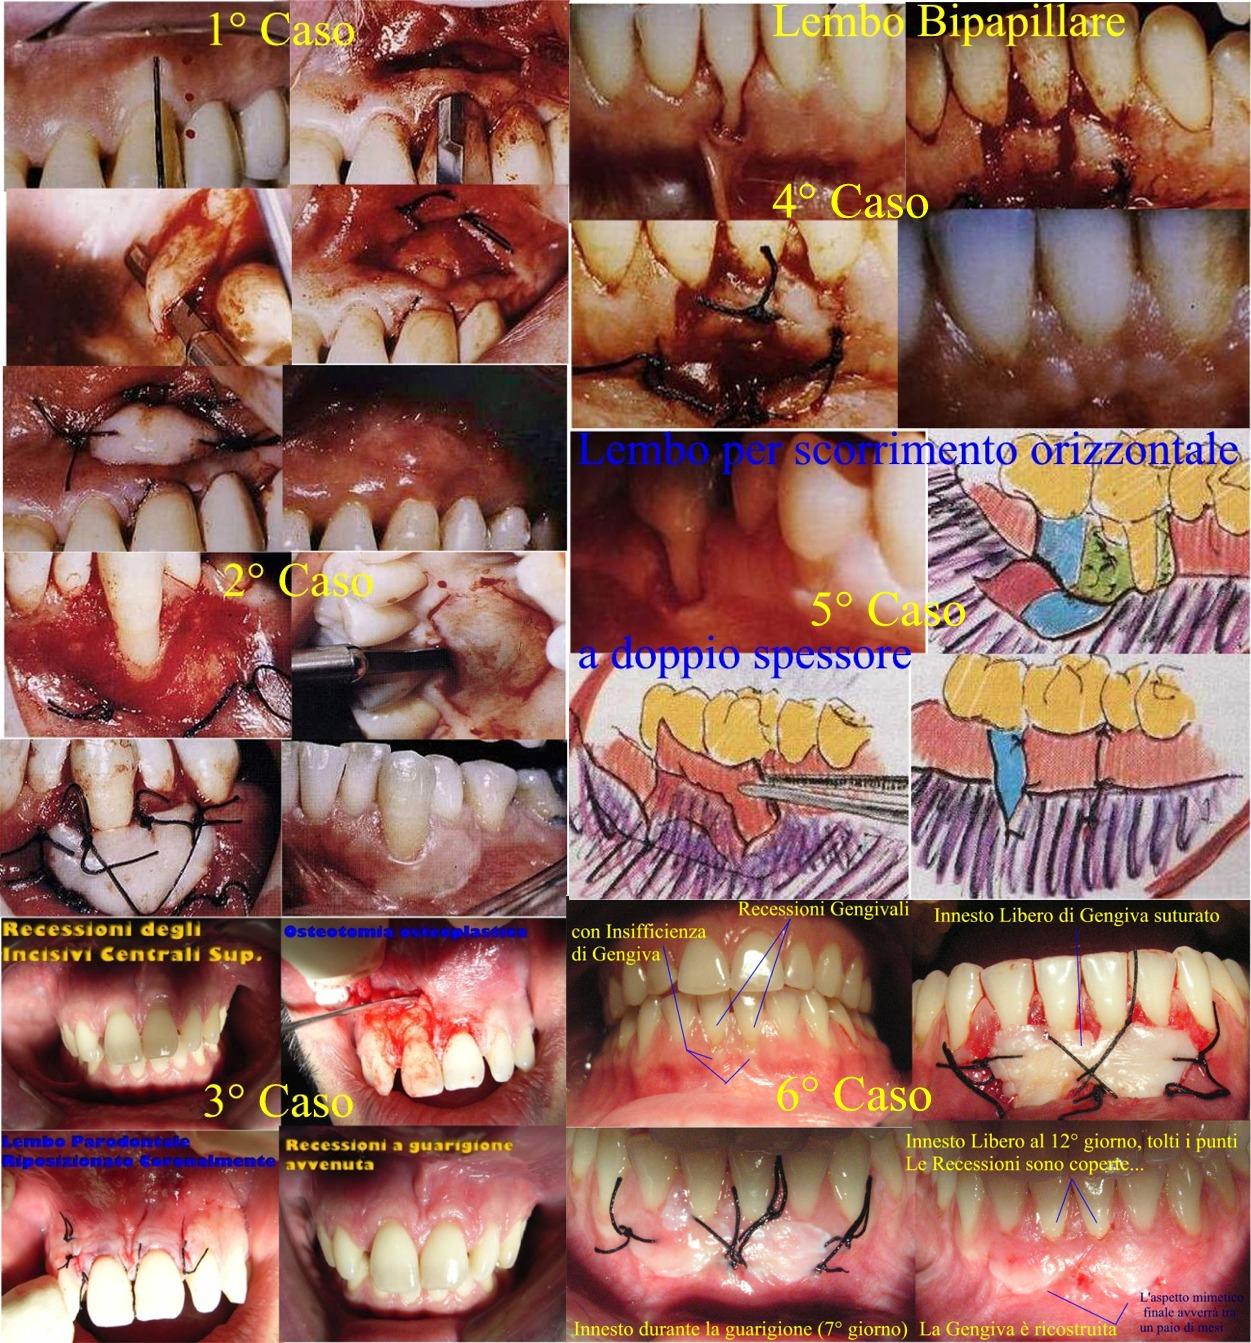 Recessioni gengivali e varie terapie parodontali chirurgiche  per la loro terapia. Da casistica del Dr. Gustavo Petti Parodontologo di Cagliari